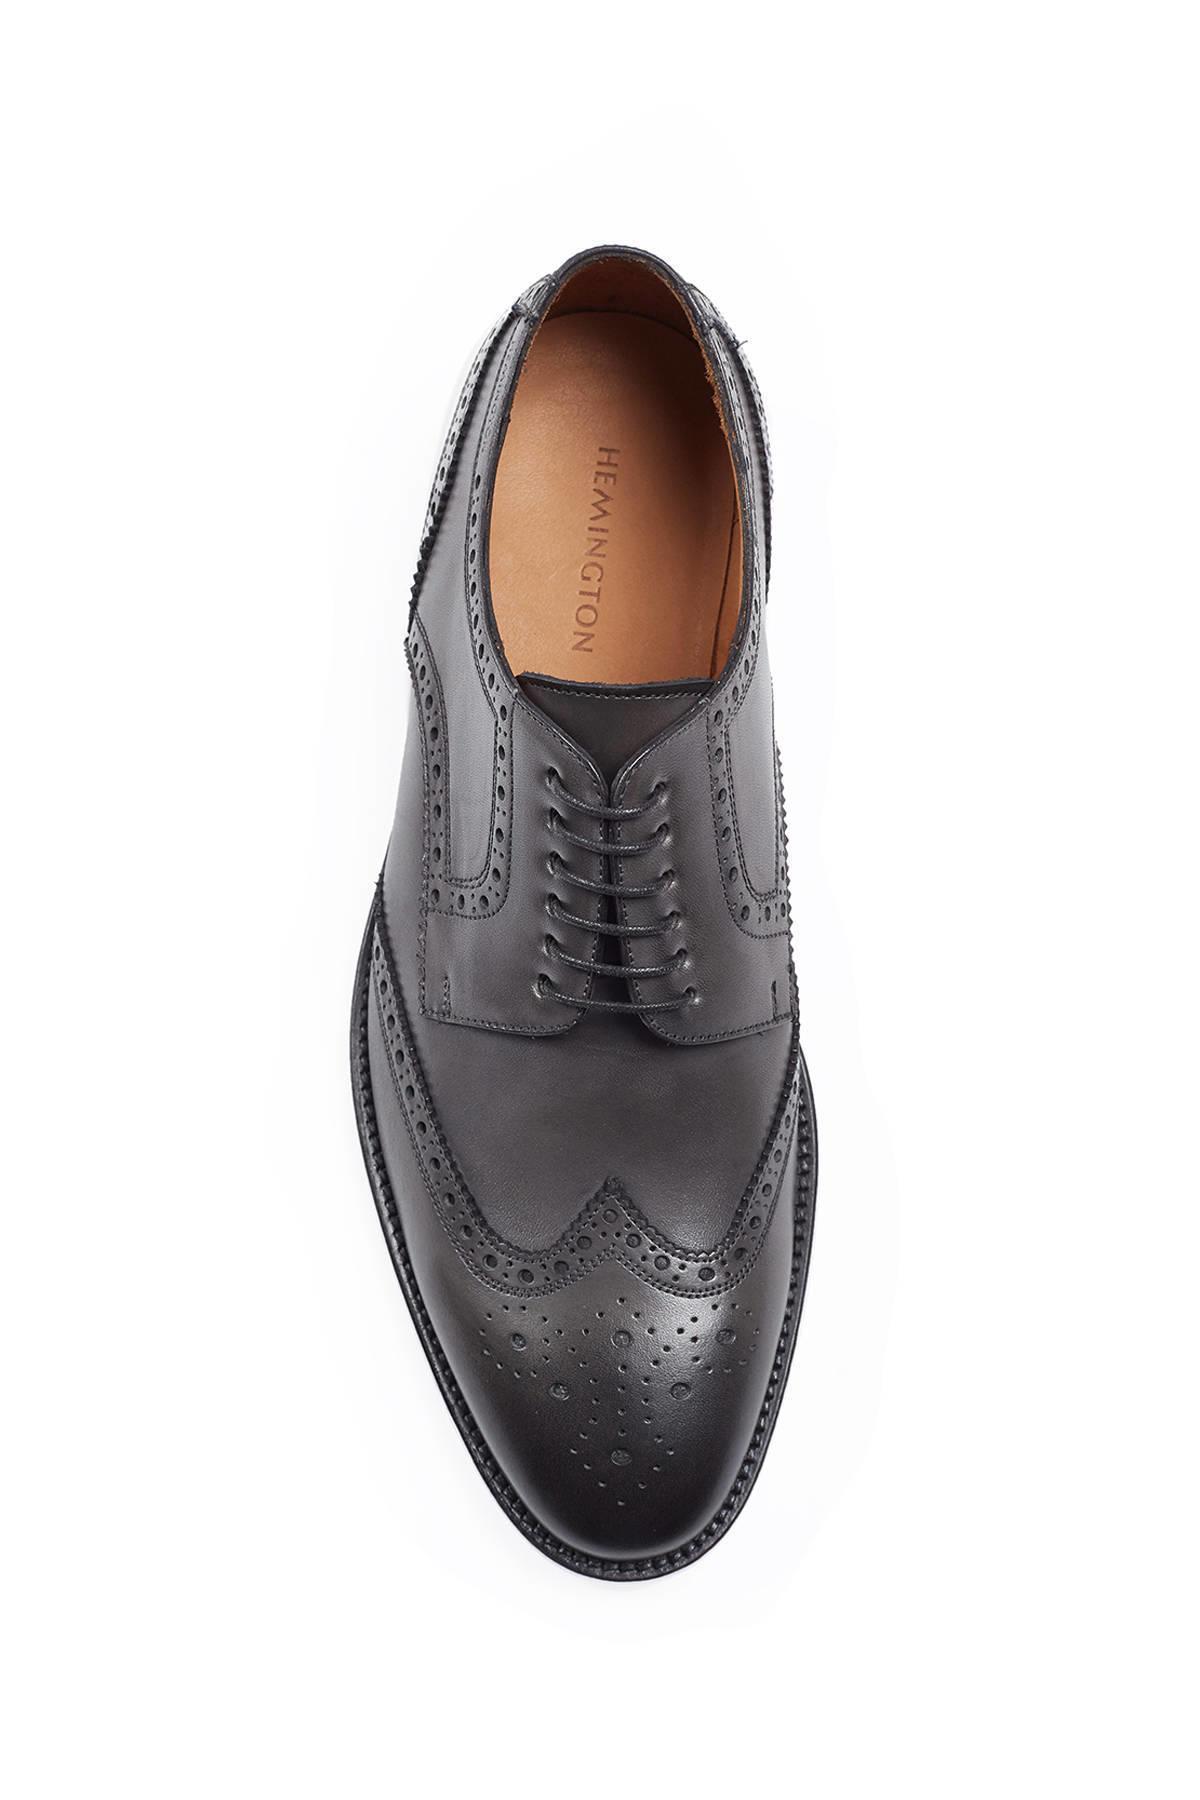 El Yapımı Siyah Klasik Deri Ayakkabı